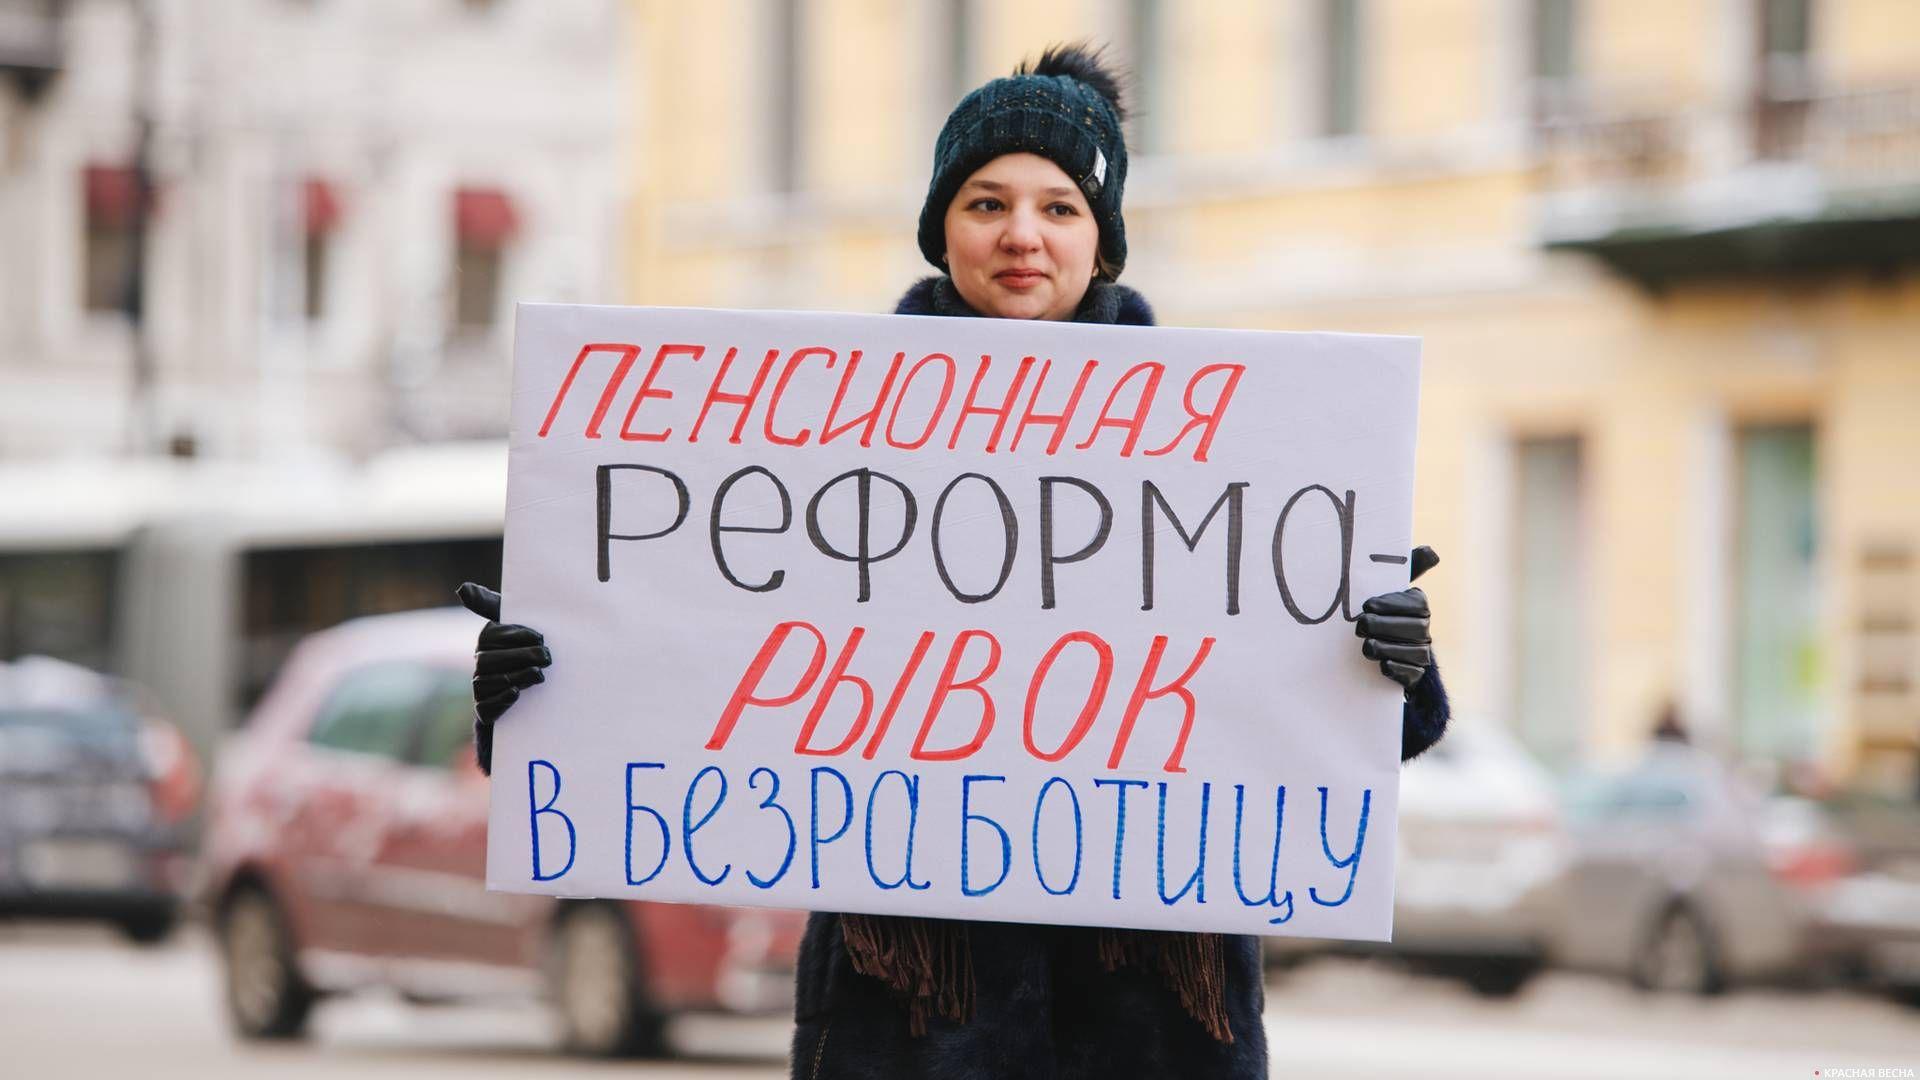 Пикеты на Невском против пенсионной реформы. Санкт-Петербург